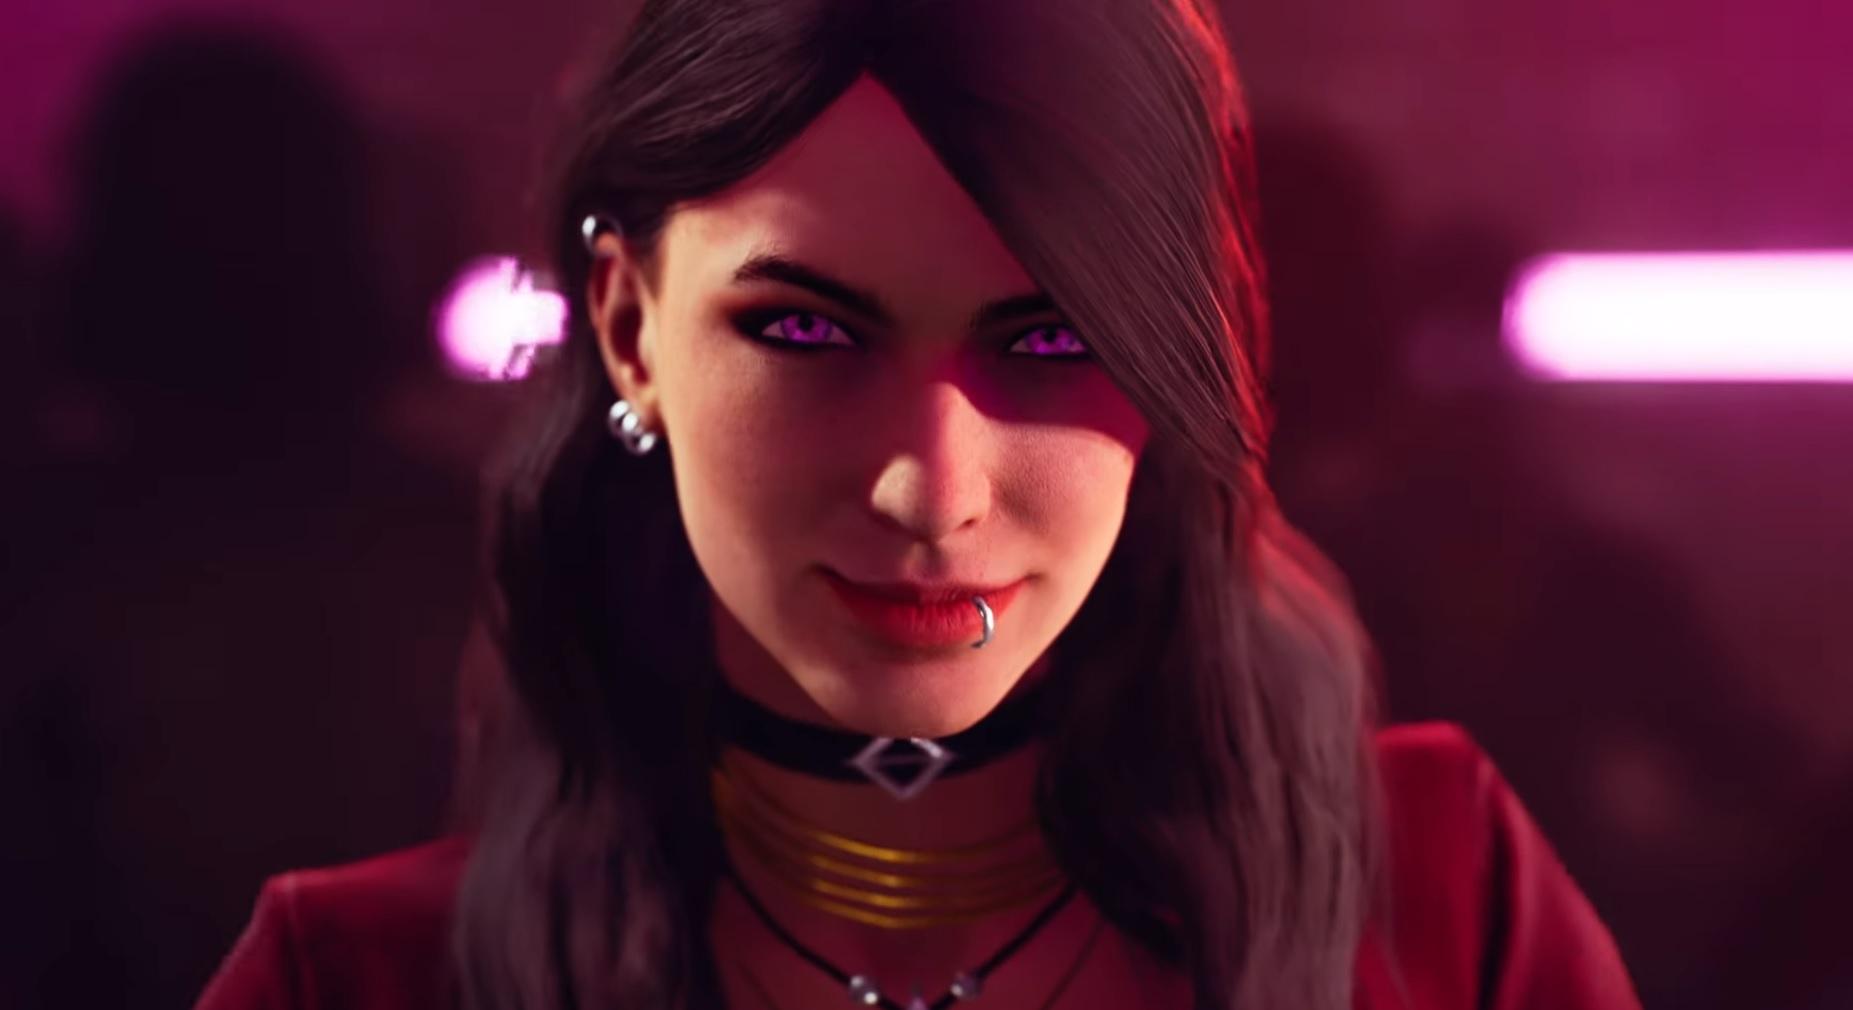 《吸血鬼:避世血族2》又损失大将 高级叙事设计师离职